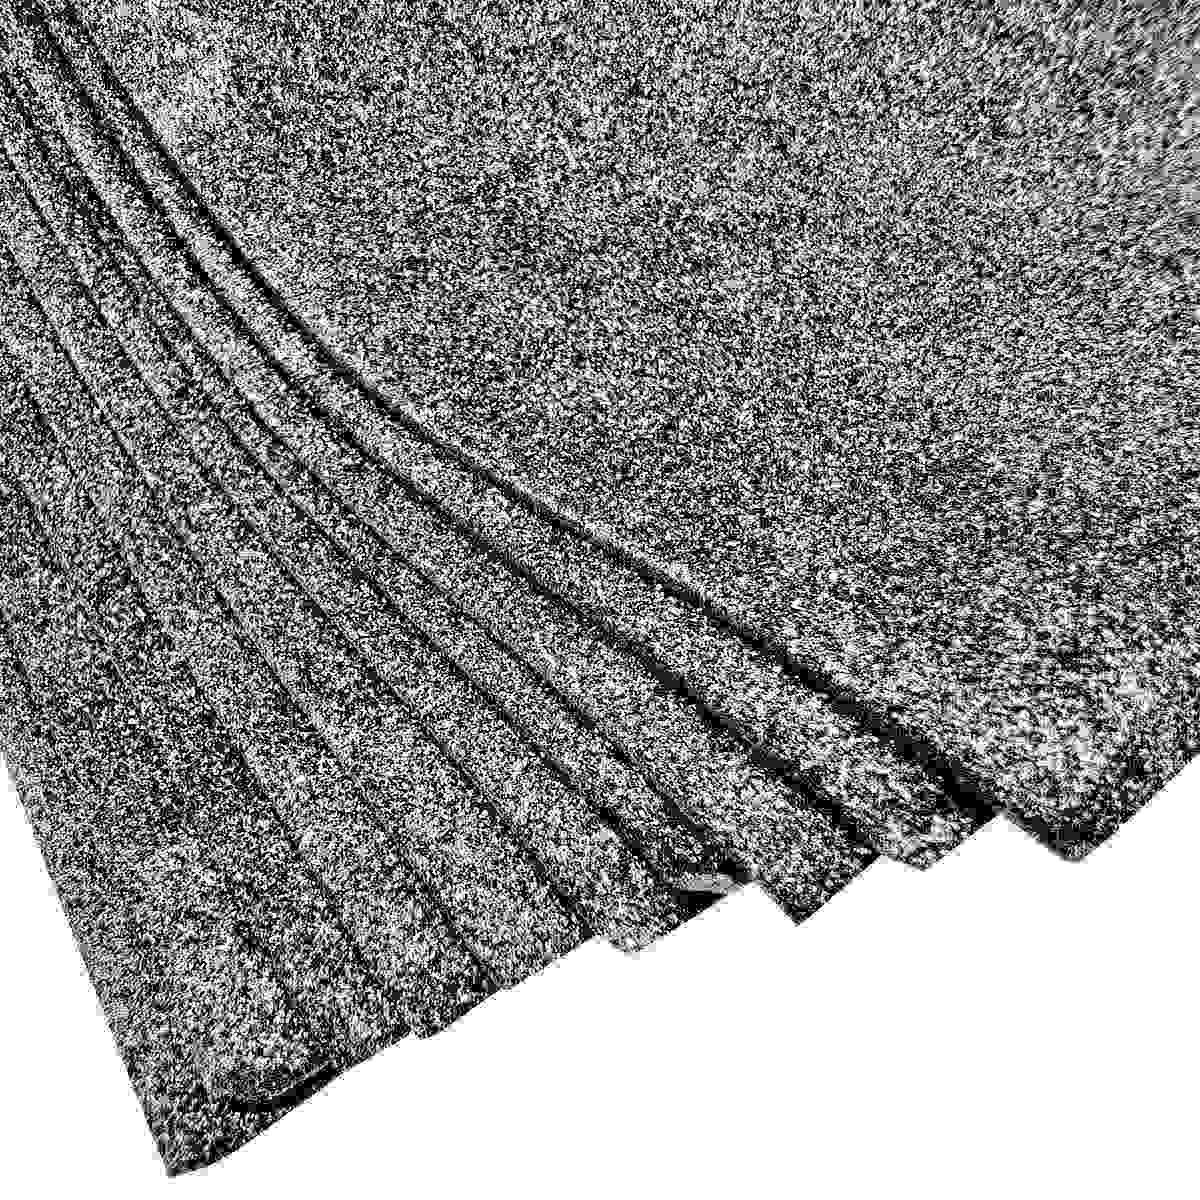 Glitter Foam A3 Sheet Without Sticker Black